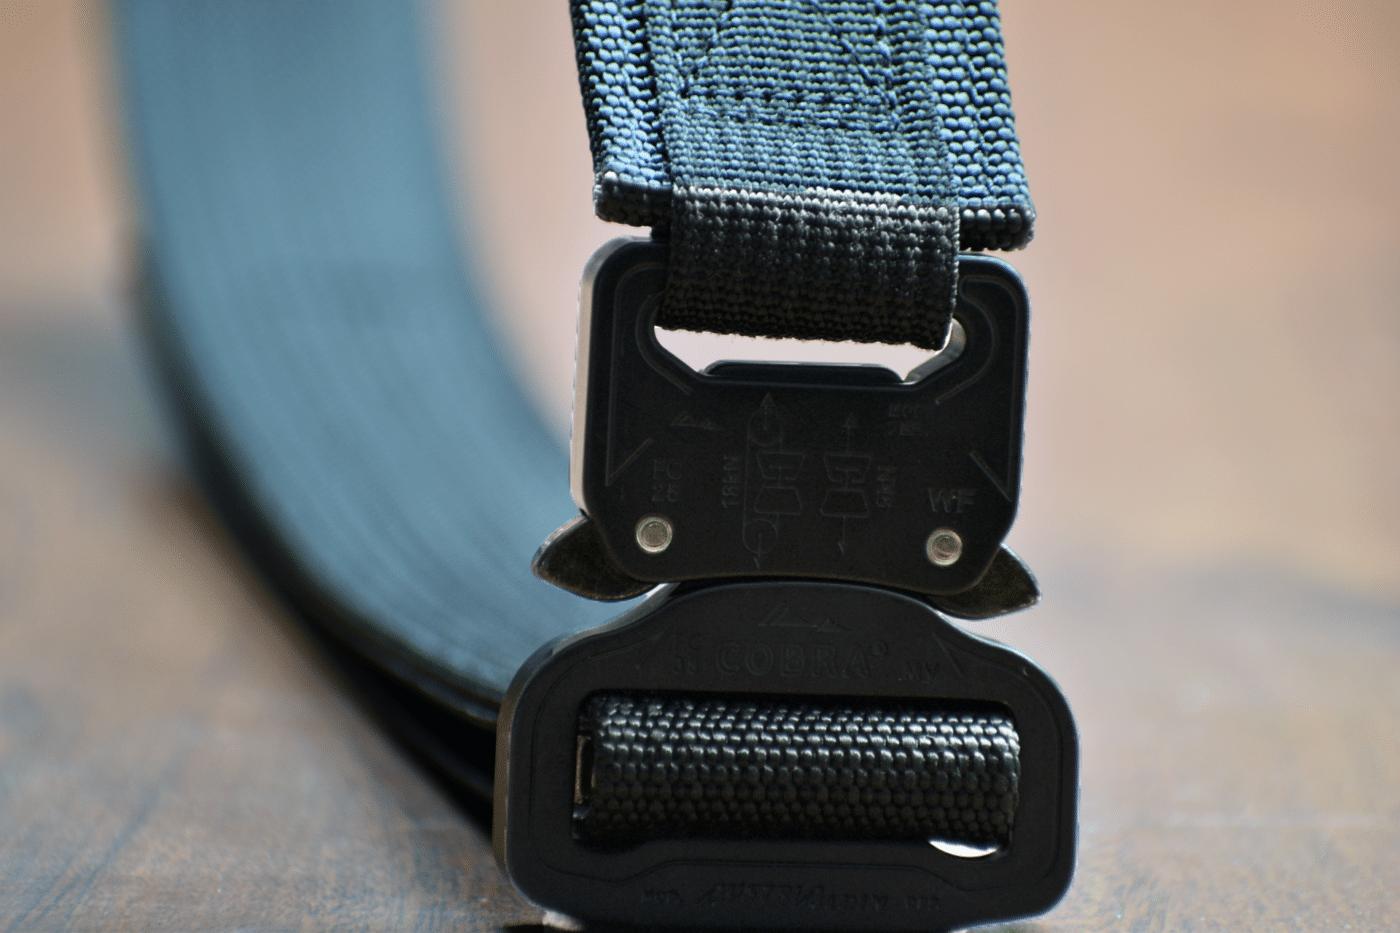 Buckle on Applied Gear EDC belt